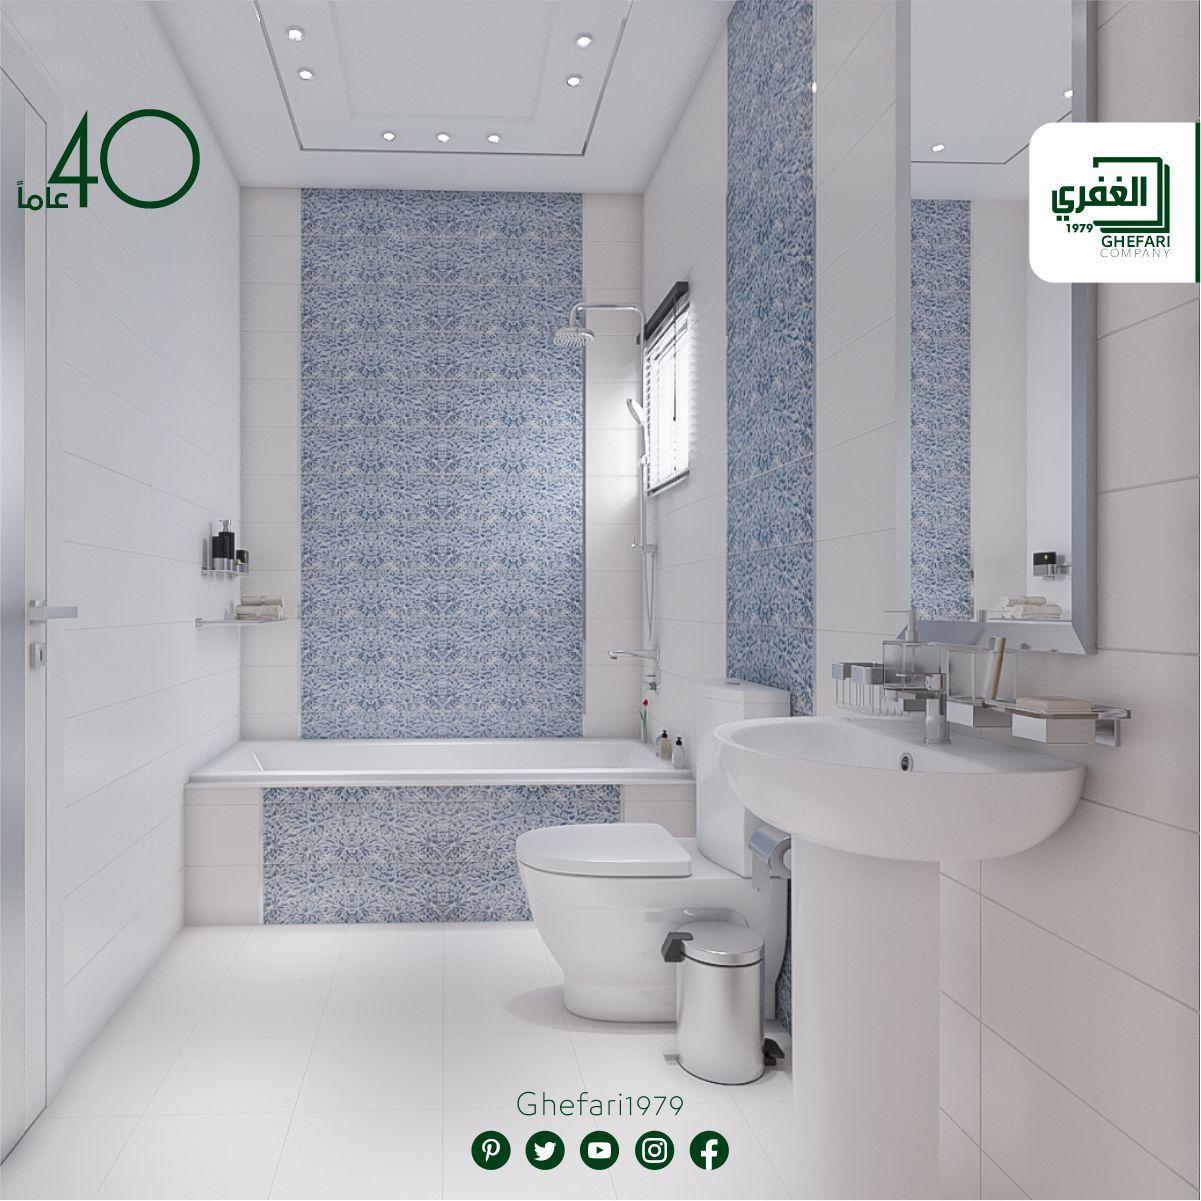 كراميكا حوائط حمامات مطبخ اسباني الصنع مقاس 20x60 ديكور 20x60 للمزيد زورونا على موقع الشركة Https Www Ghefari Com Ar Bathtub Instagram Posts Bathroom